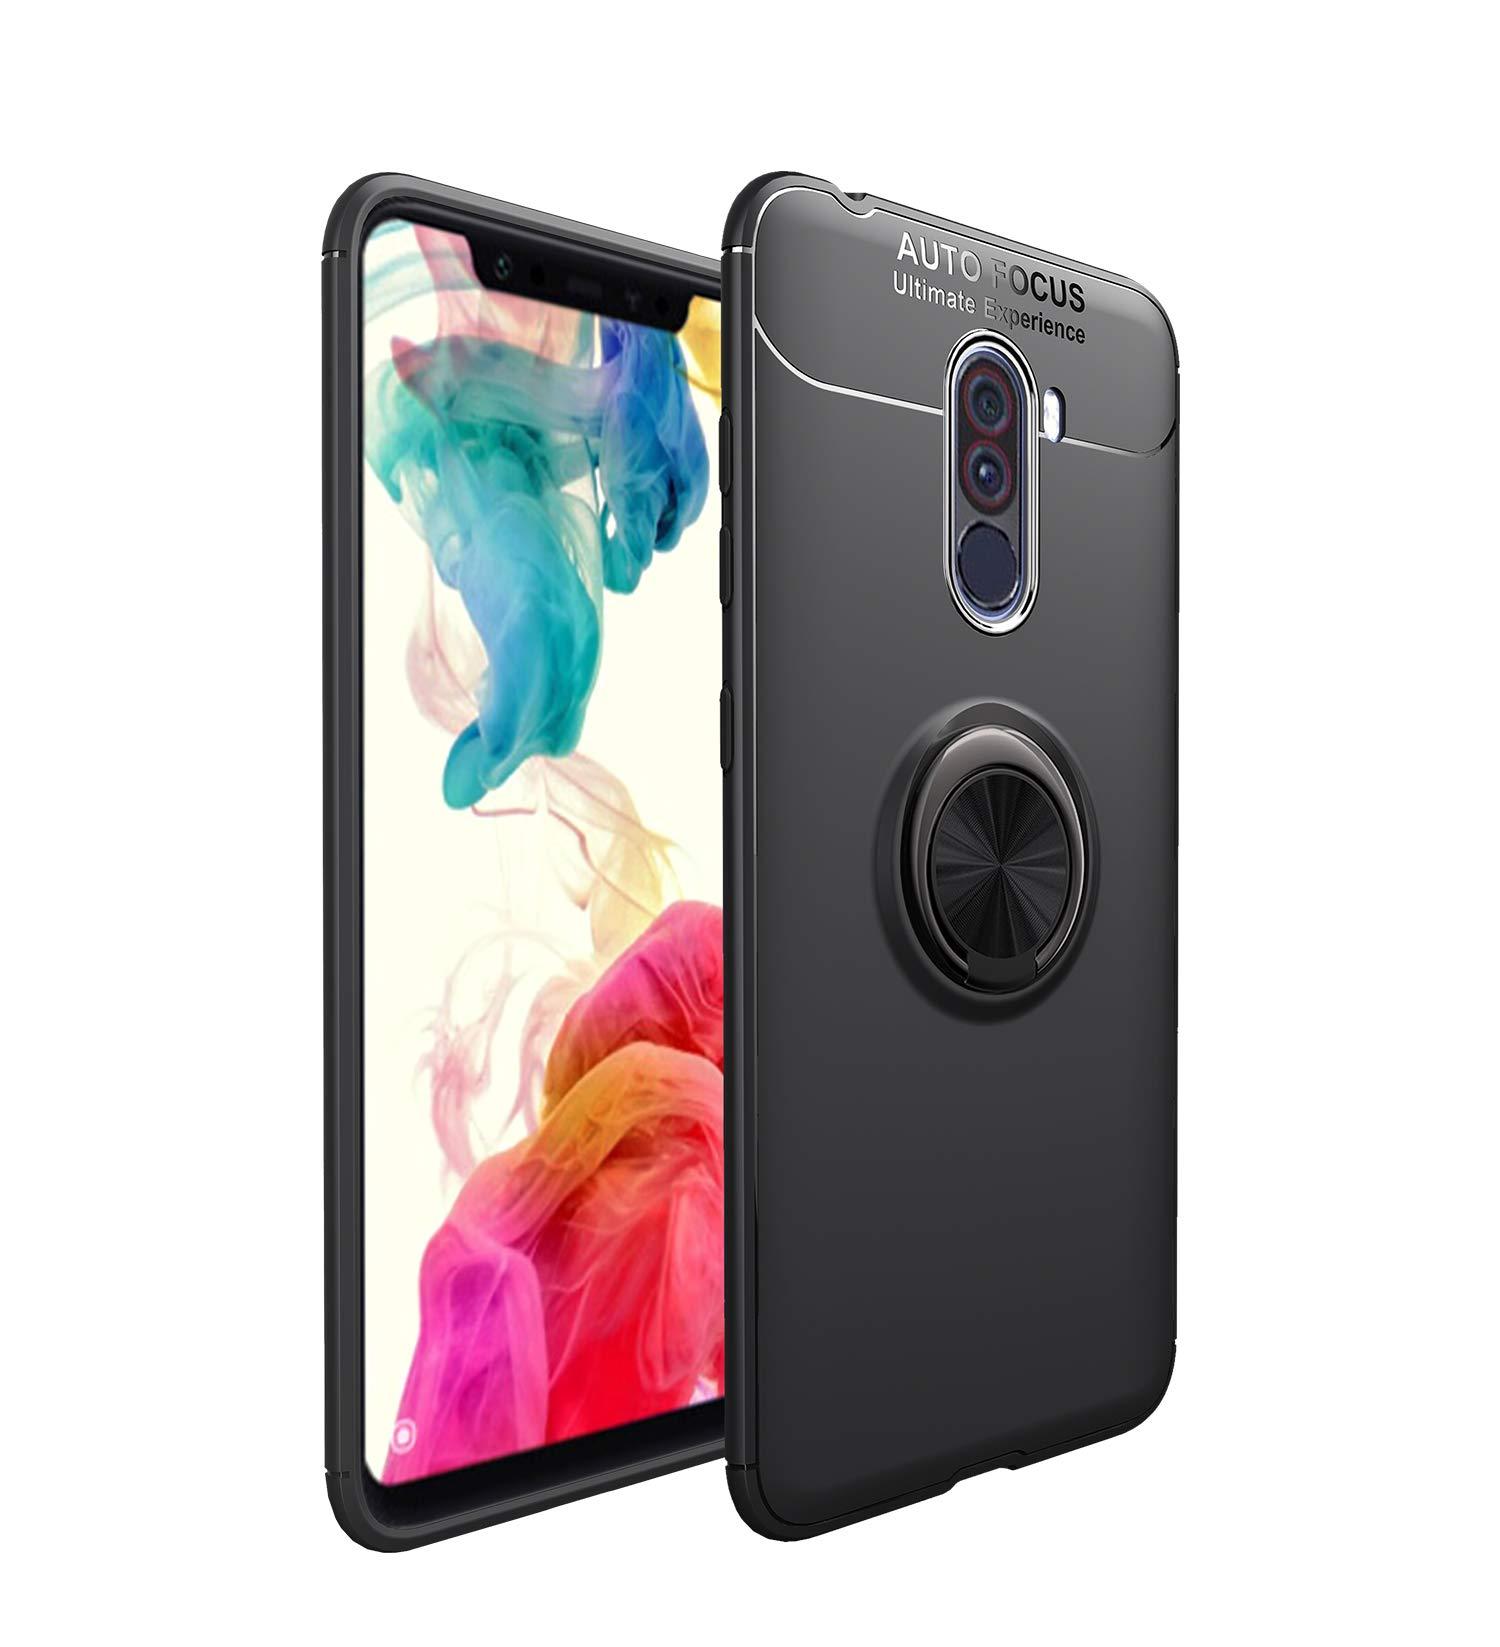 DAYNEW Funda para Xiaomi Pocophone F1,[Anti-Caída] 360 Grados rotación Anillo Stick teléfono Soporte,Función Kickstand Base magnética,para Xiaomi Pocophone F1-Negro: Amazon.es: Electrónica